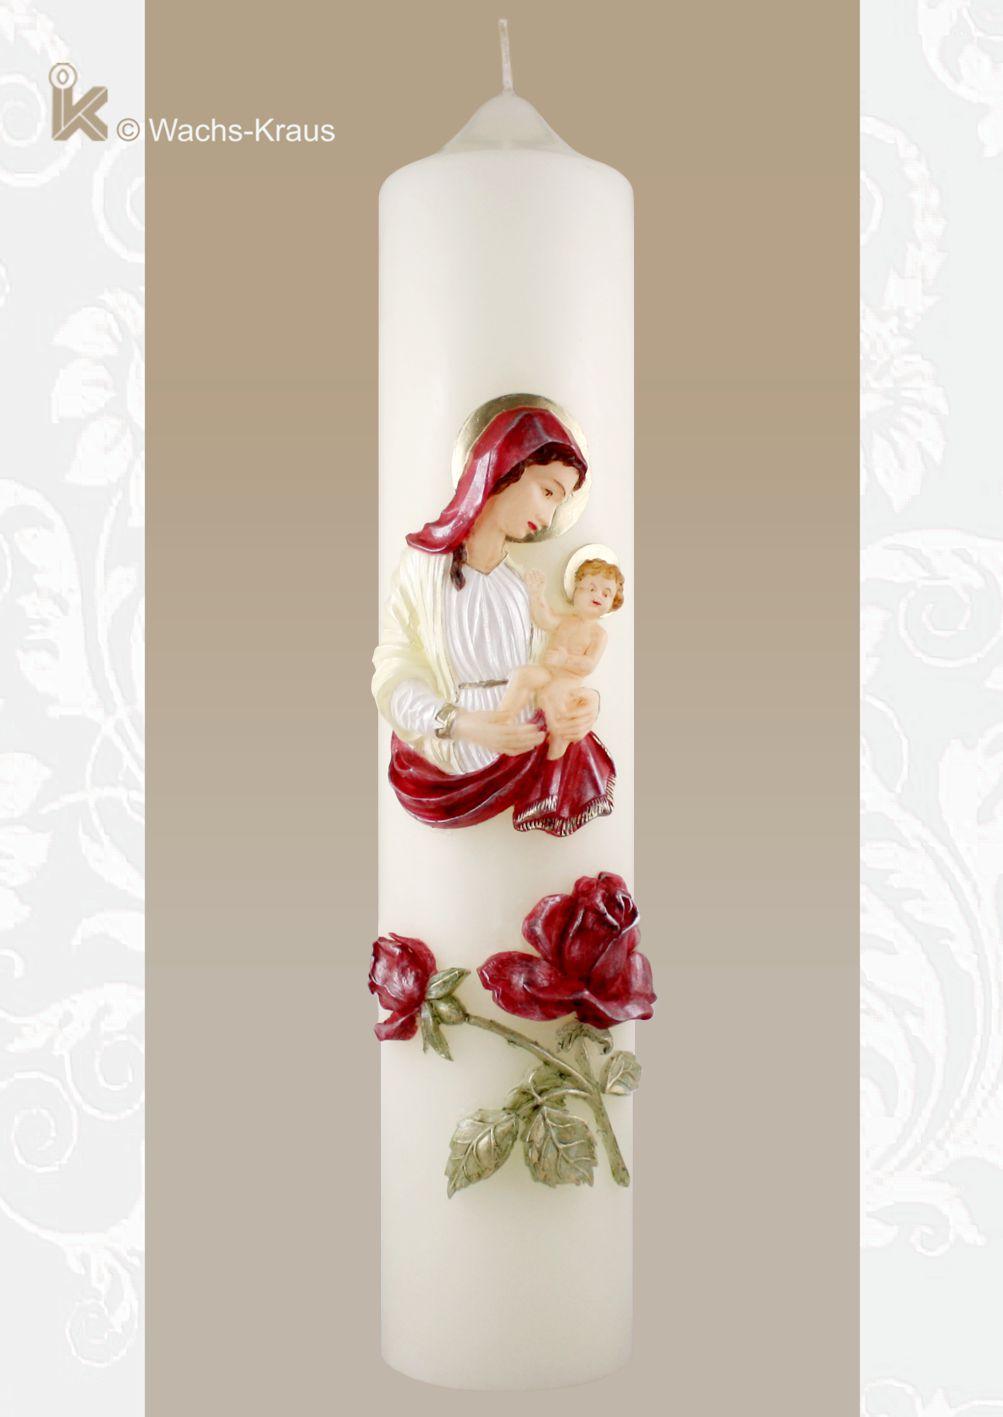 Marienkerze Madonna und Rosen. Fein modelliert und aus Wachs gegossen sind bei dieser Marienkerze sowohl die Mutter Gottes mit Kind als auch die Rosen.